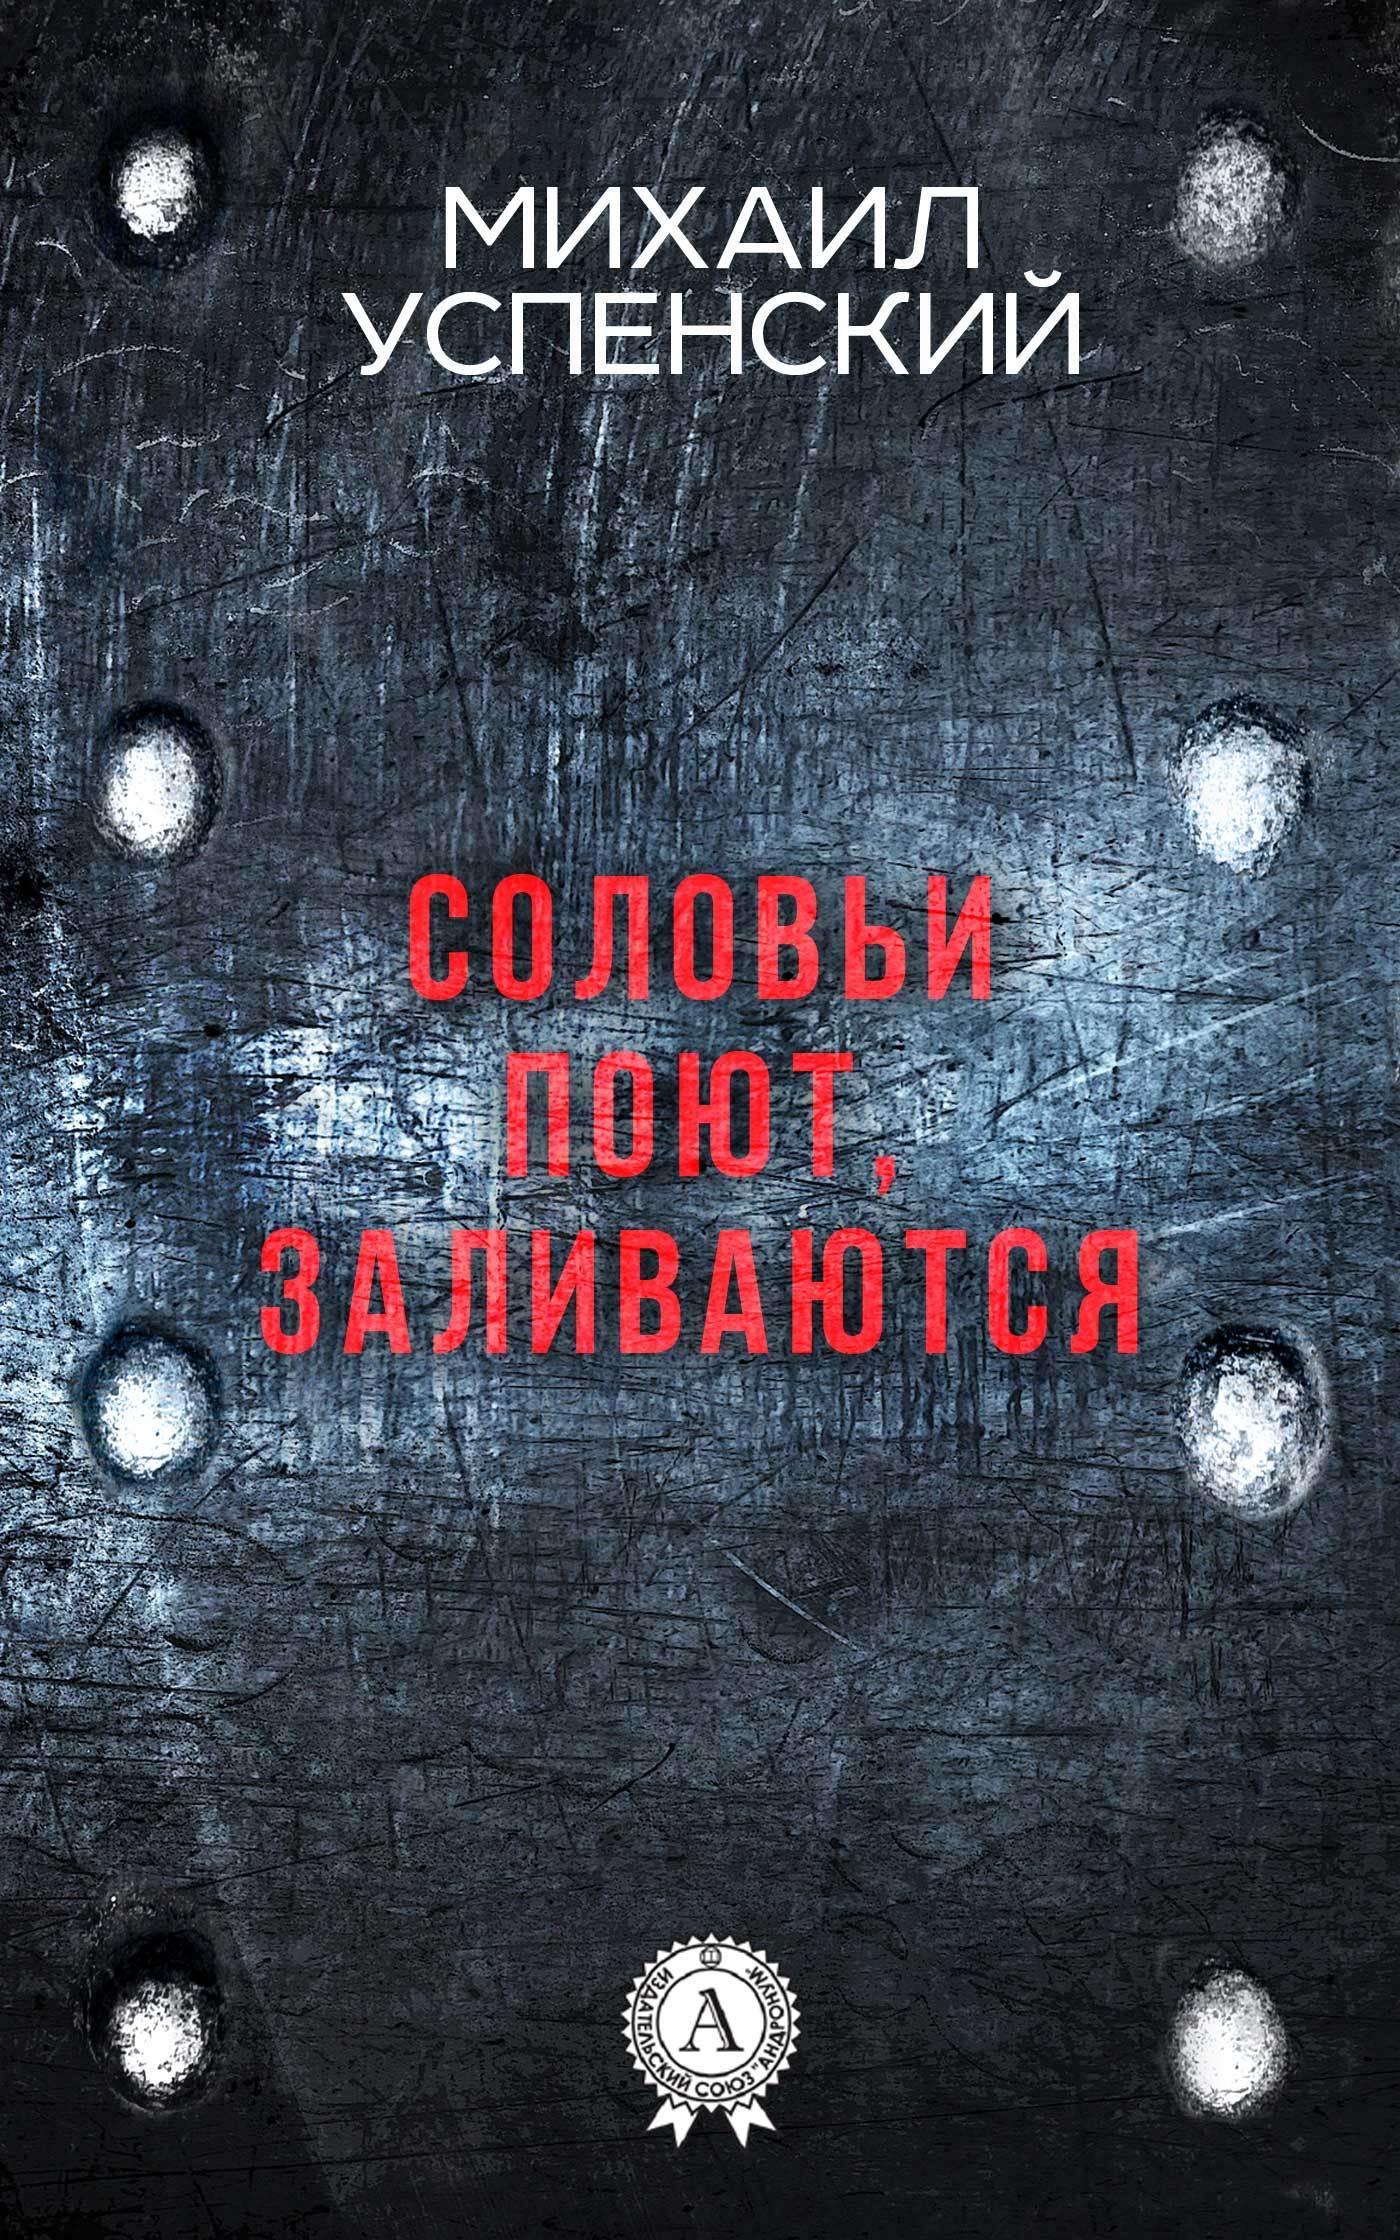 Михаил Успенский Соловьи поют, заливаются